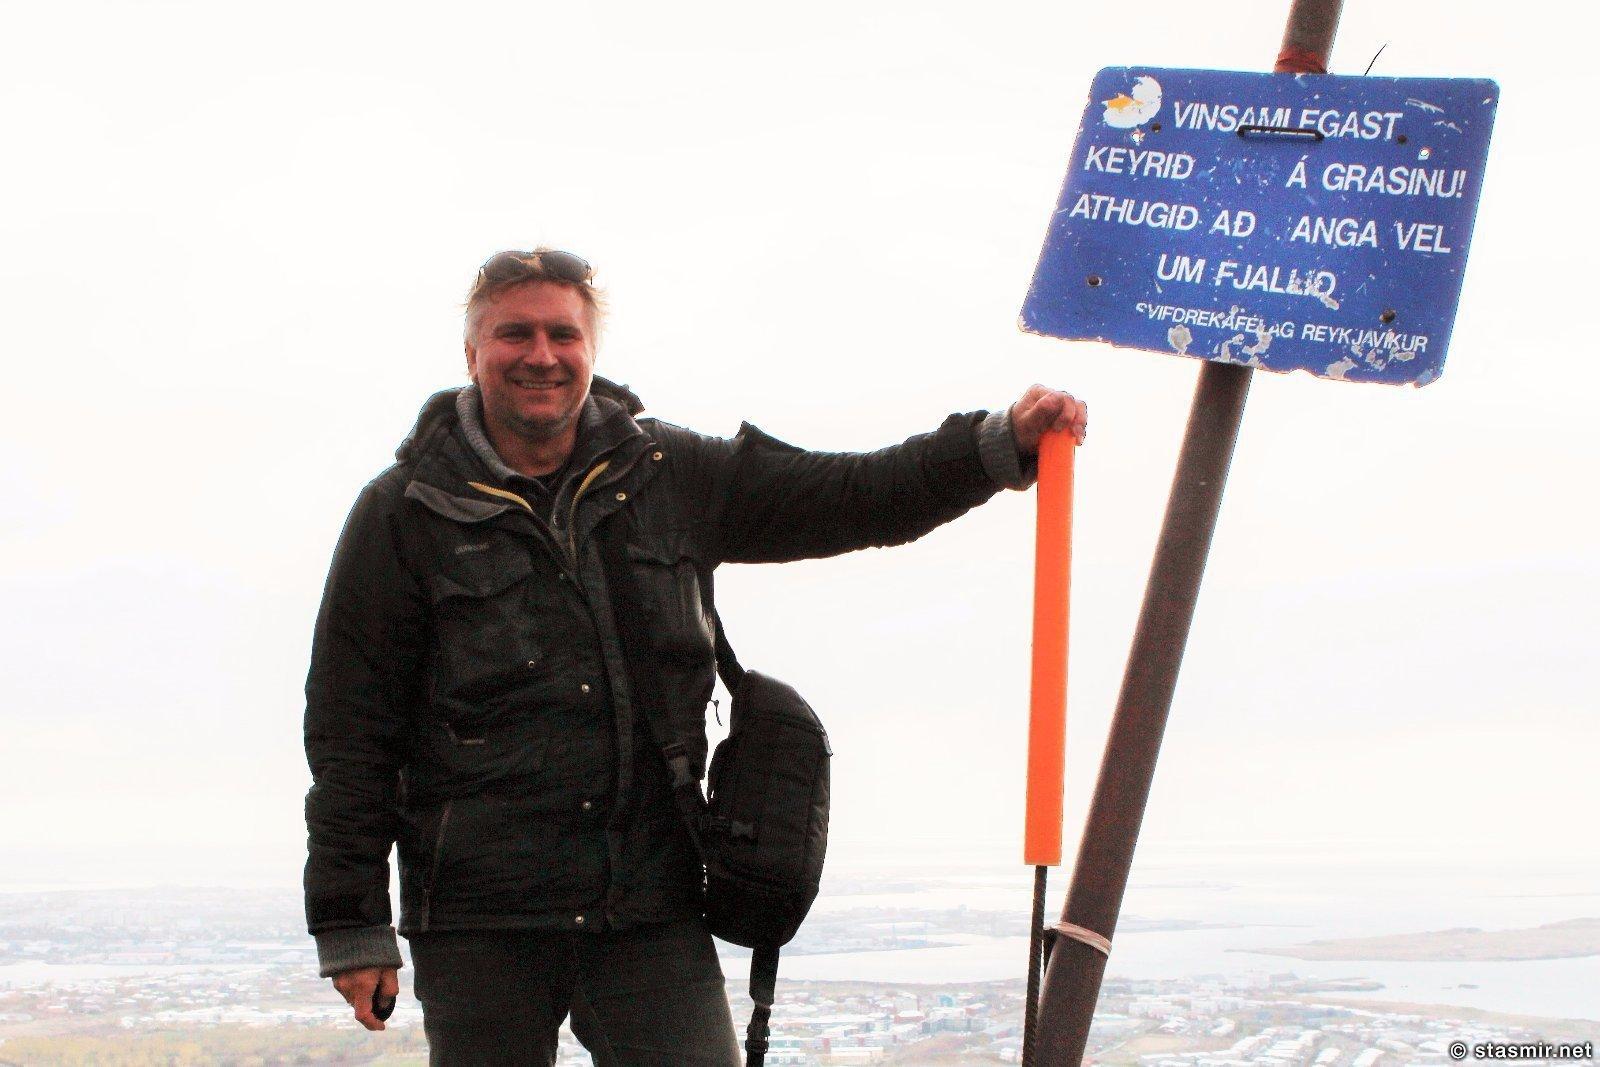 Рейкьявик, Исландия, вид сверху, дорожные знаки, Photo Stasmir, фото Стасмир